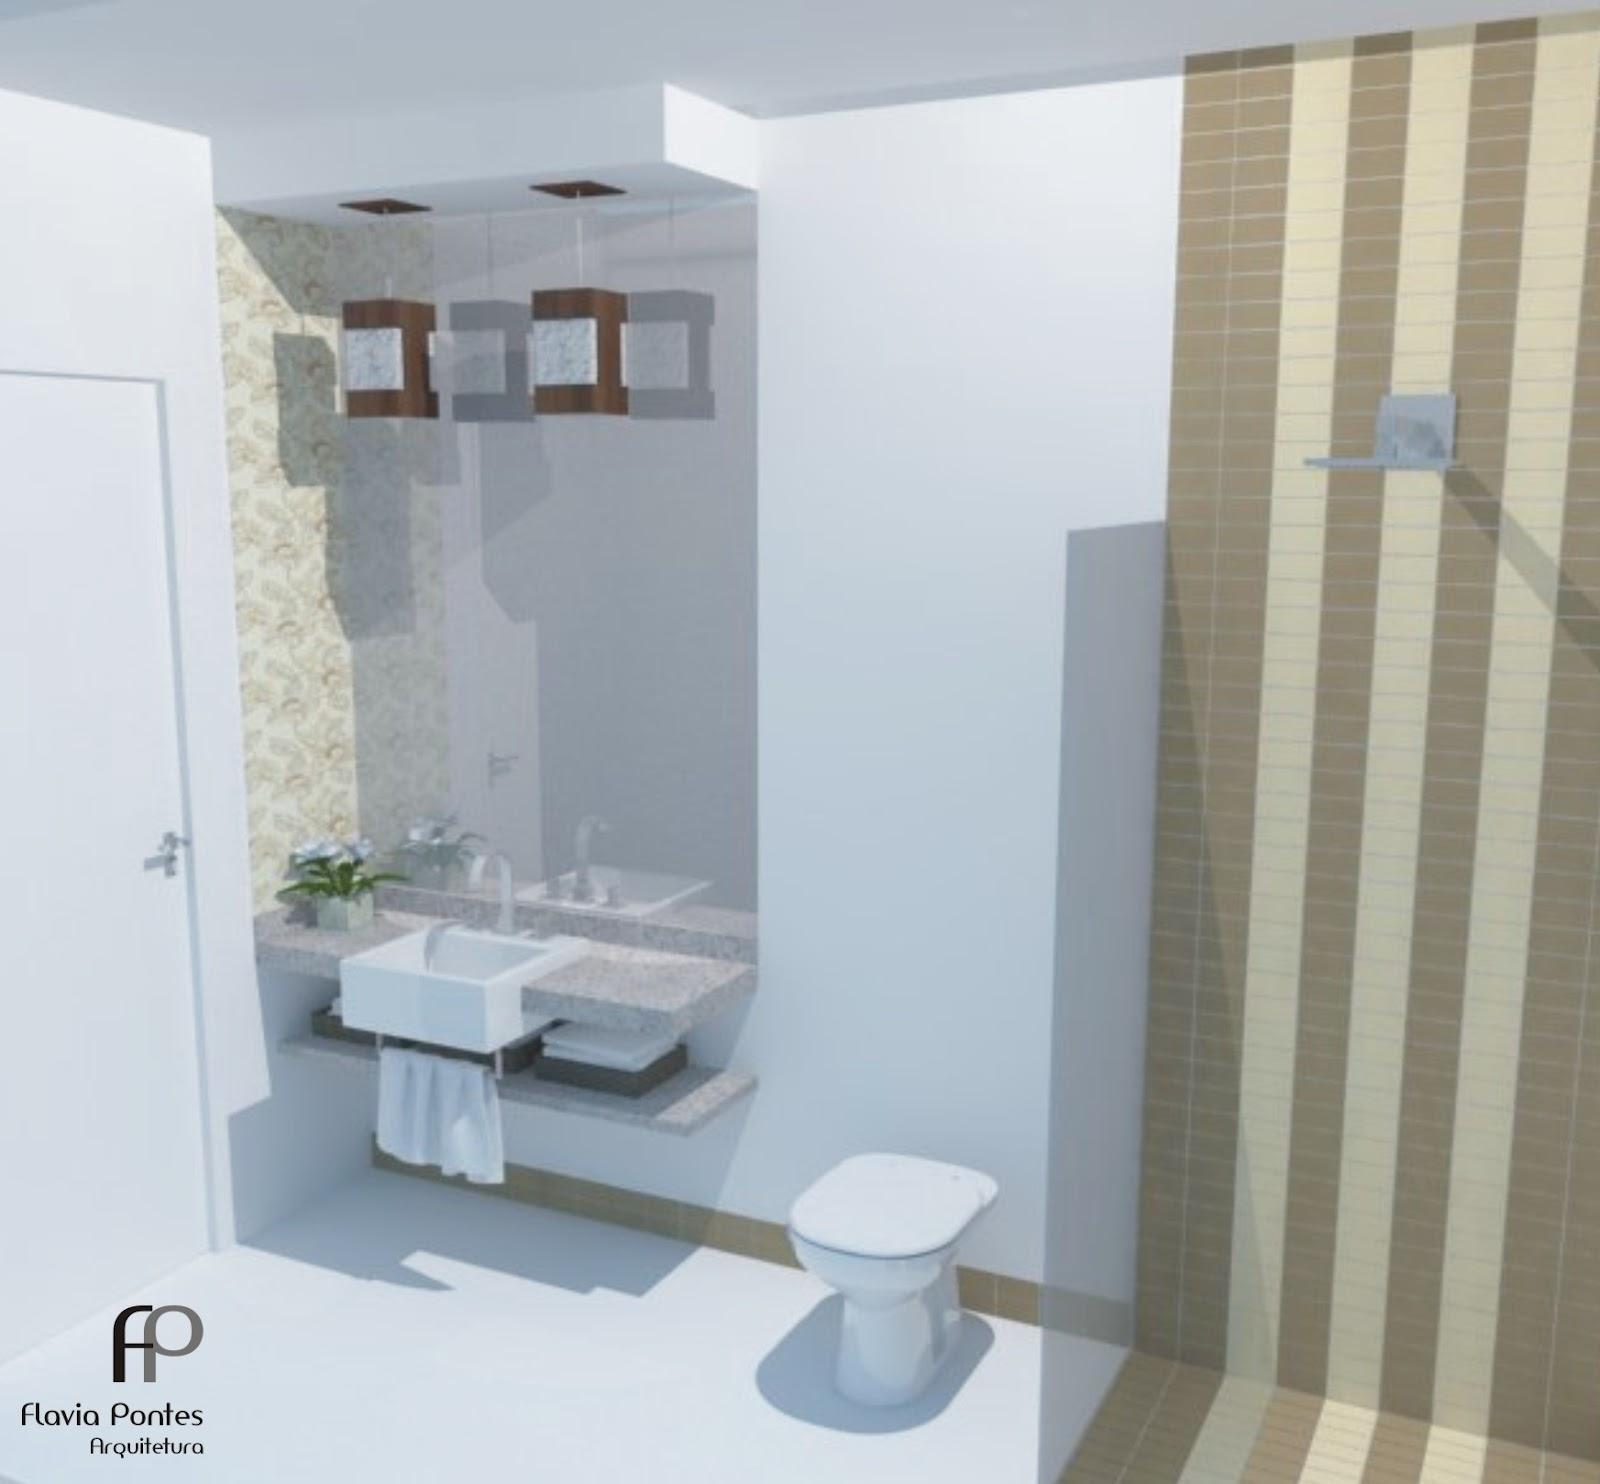 Como o espaço para a bancada é estreito foi escolhida uma cuba de  #5C493F 1600x1484 Bancada Banheiro Vermelha